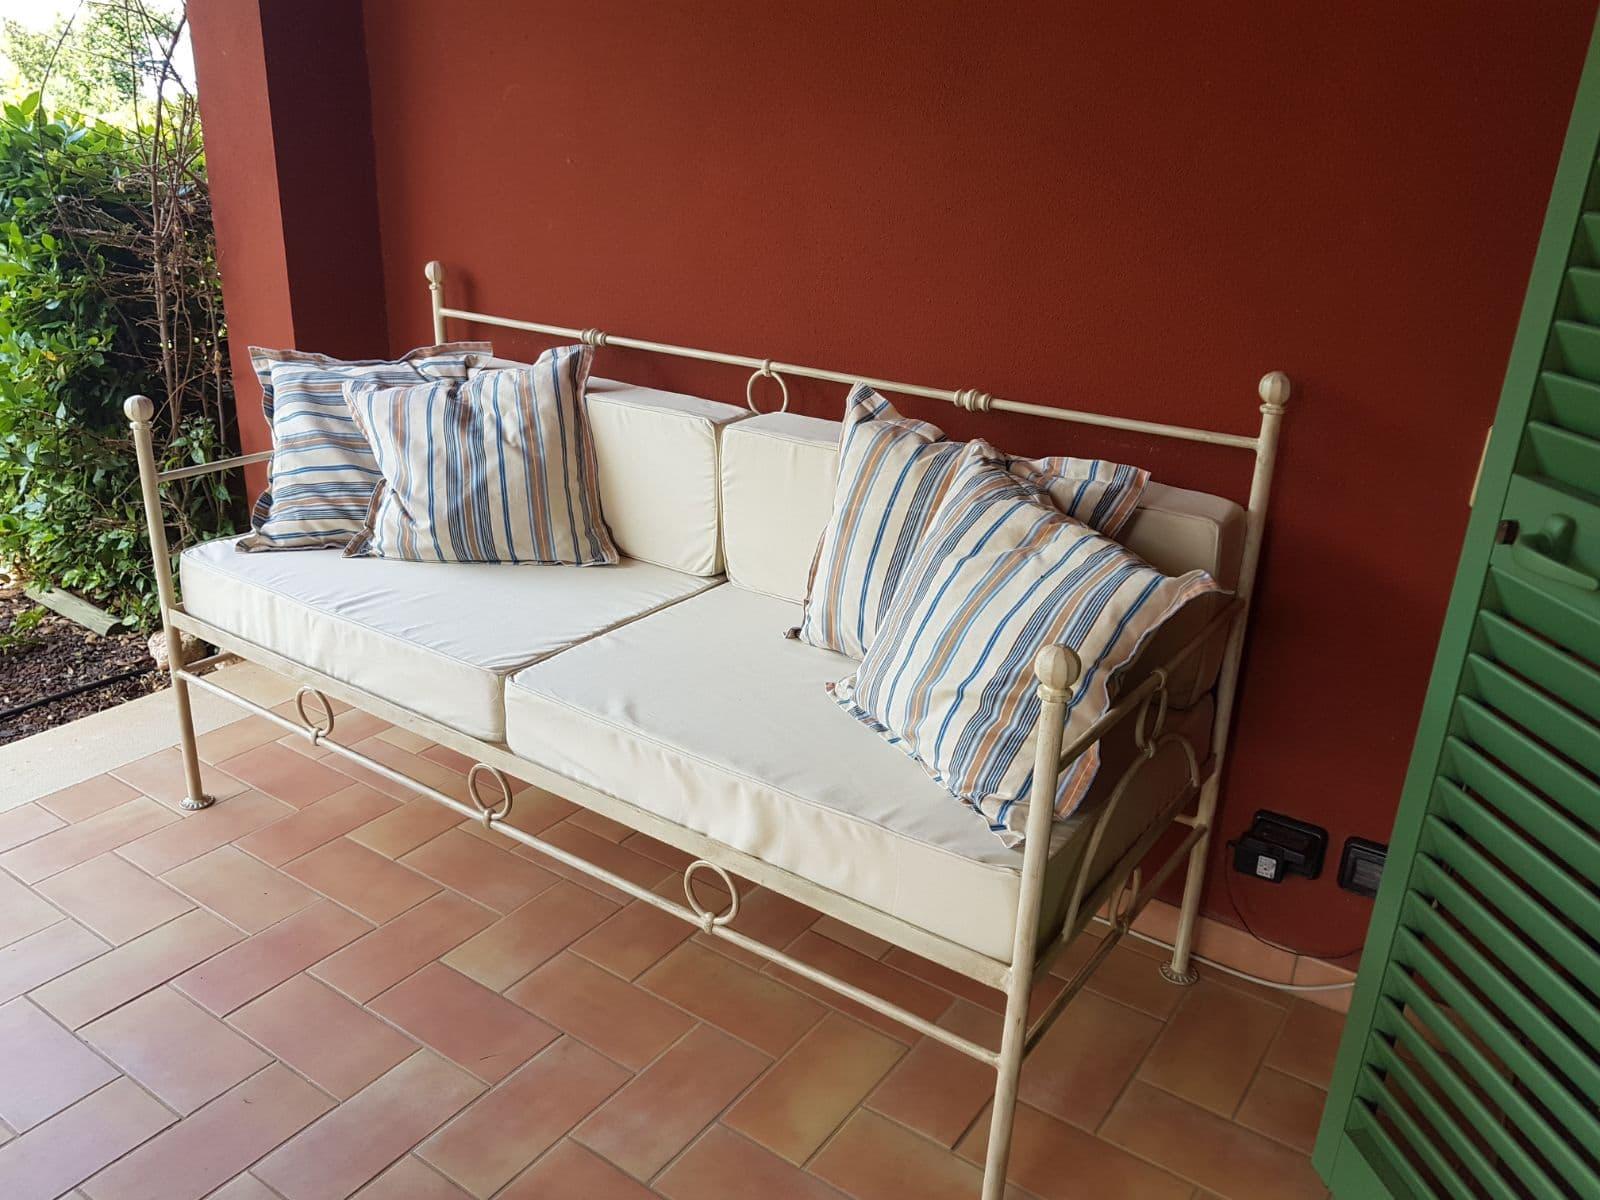 Tessuti per rivestimenti da interni in toscana gani - Prodotti per pulire il divano in tessuto ...